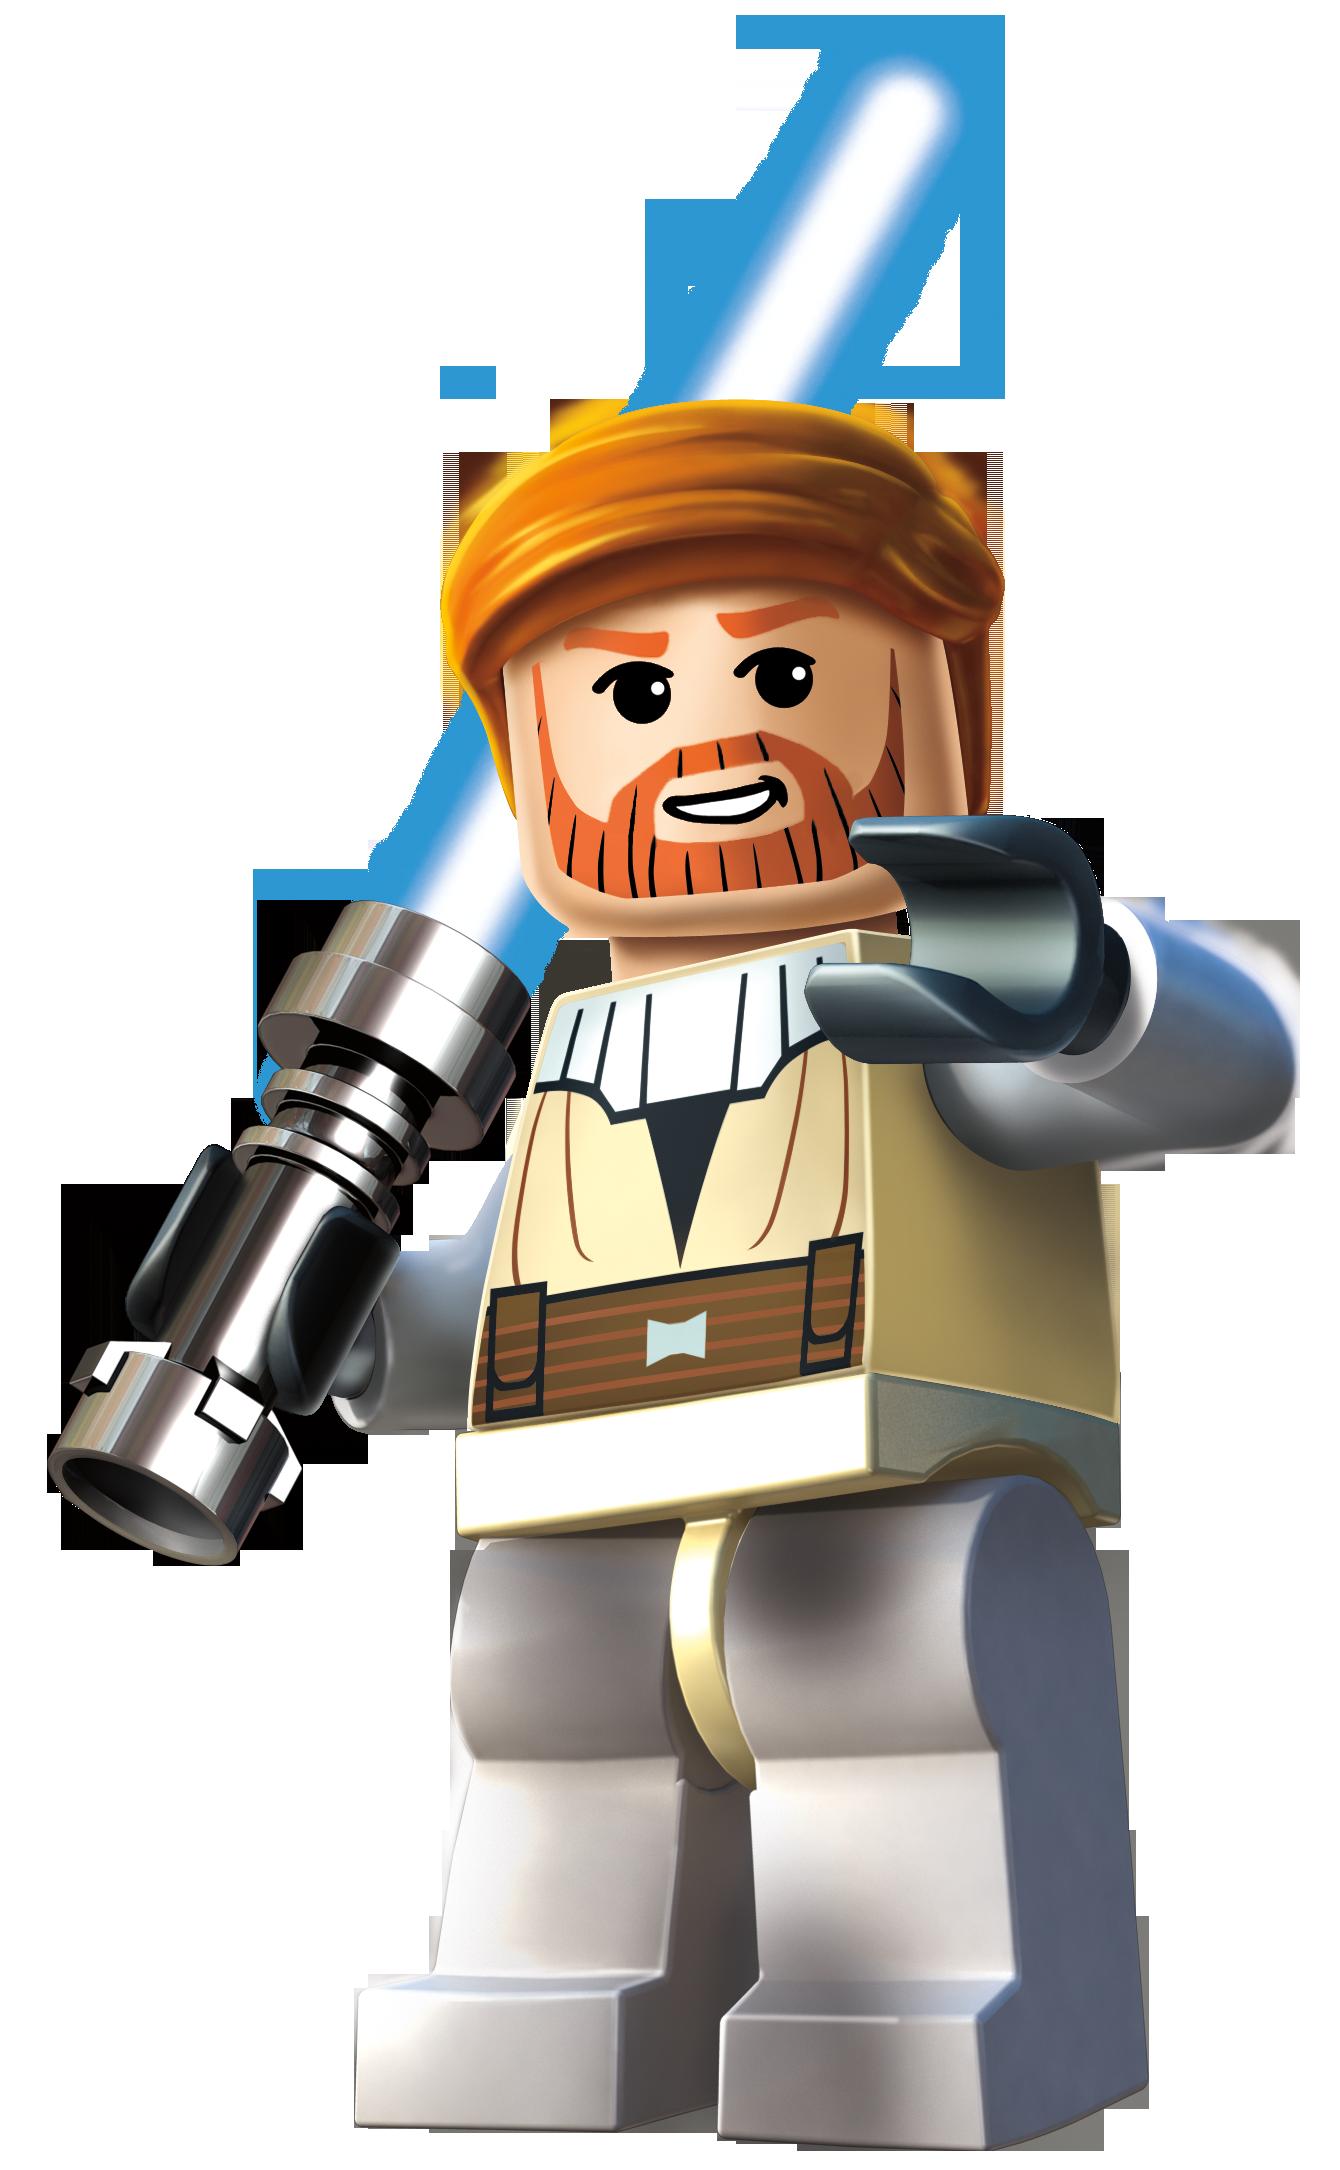 Image - Obi-Wan LSW3.png | Brickipedia | Fandom powered by Wikia